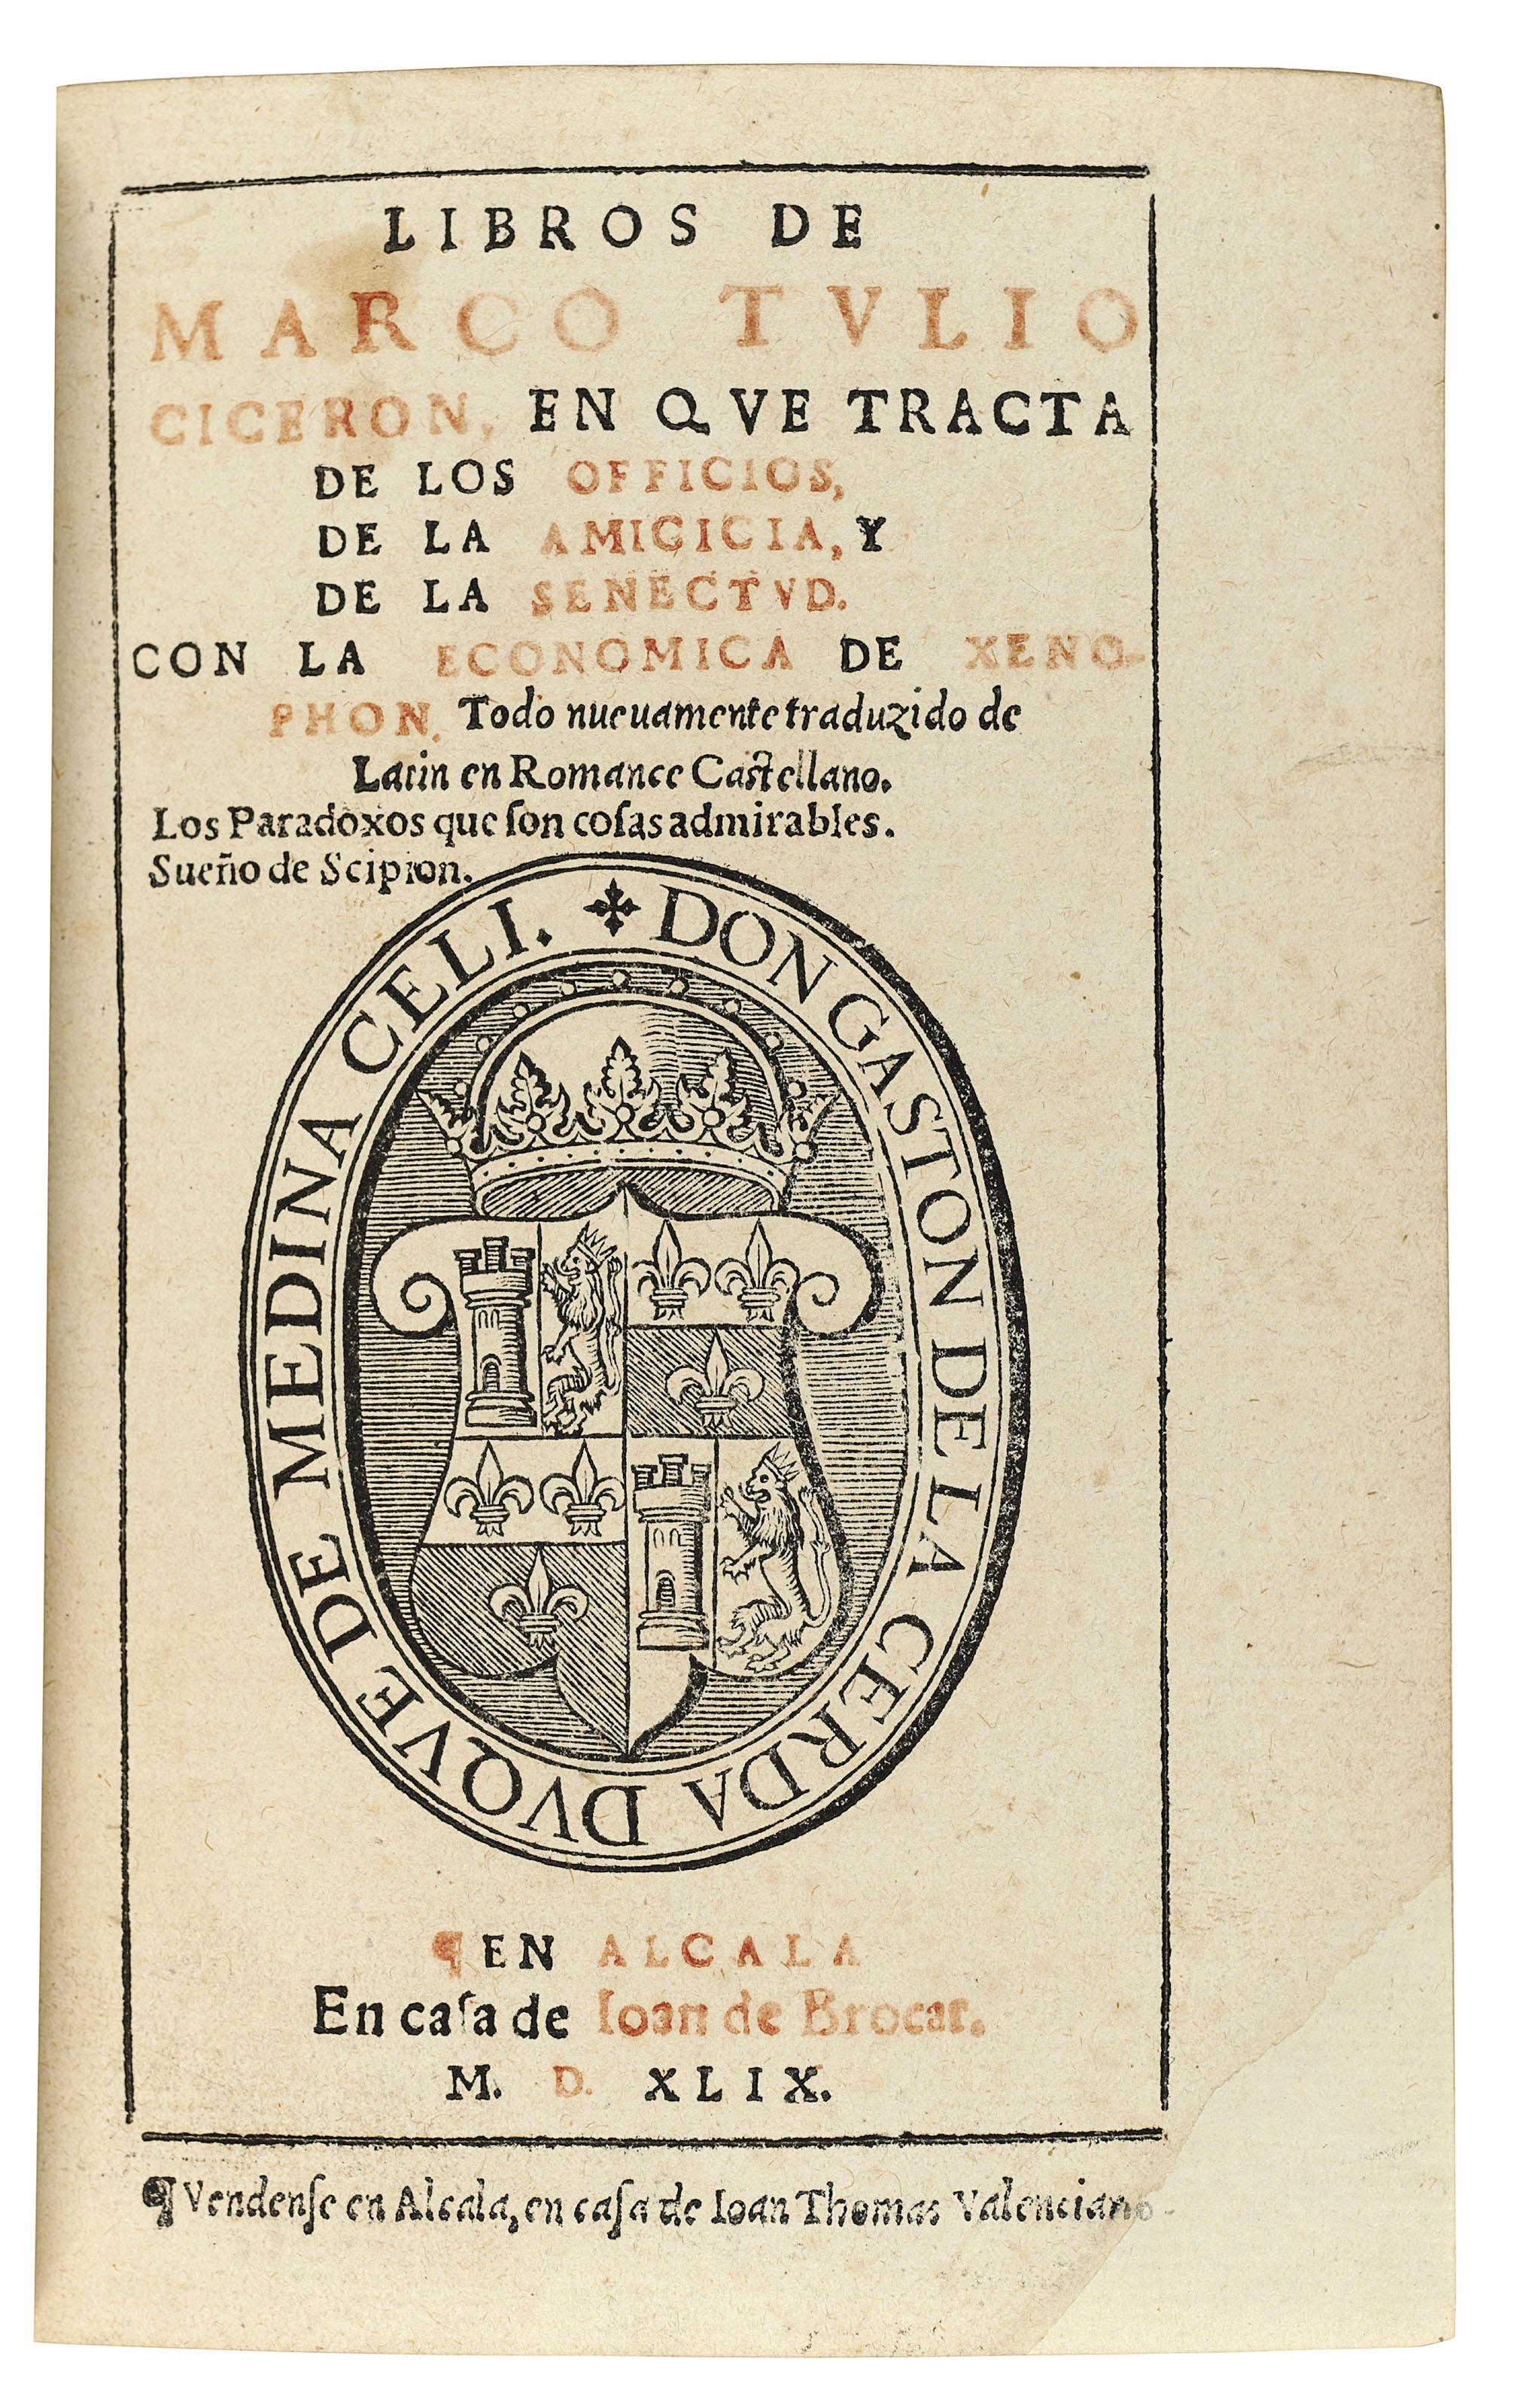 �y.��b&�c��.%��9��:(_CICERO,MarcusTullius(106-43B.C.).Librosenquetractadelosofficios,dela